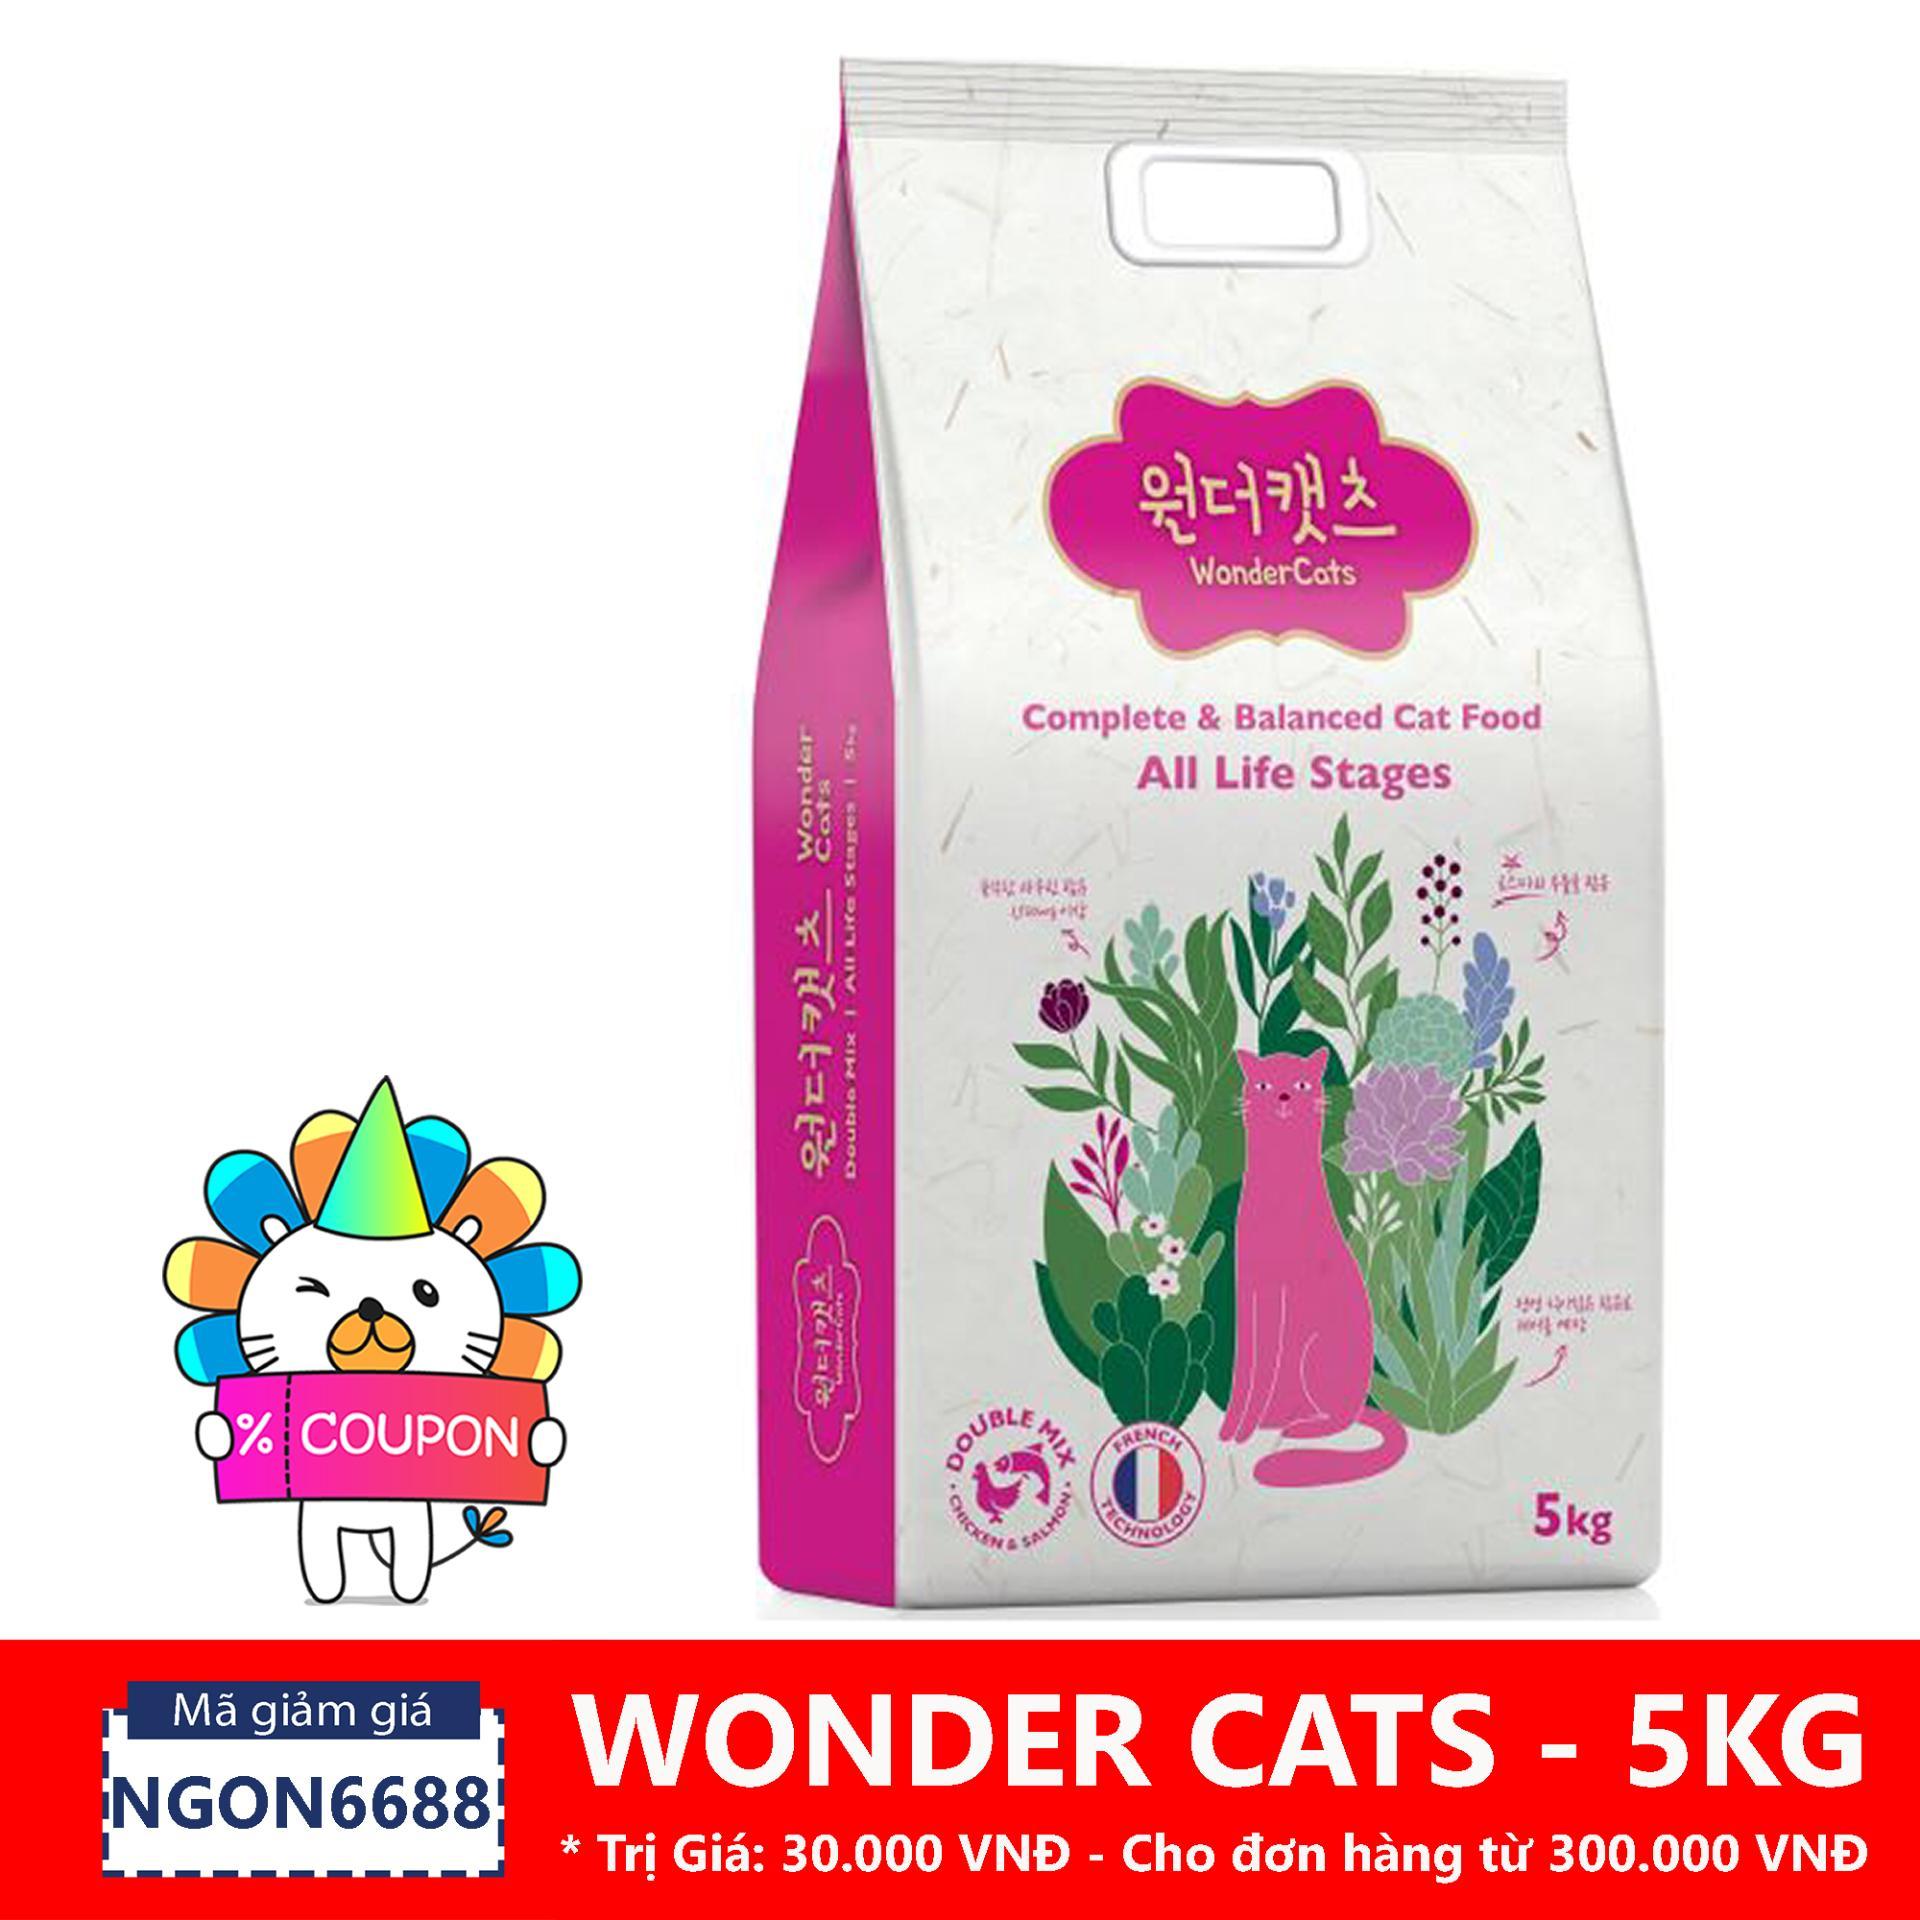 Bán Hạt Cho Meo Wonder Cats 5 Kg Wonder Cats Trong Hà Nội